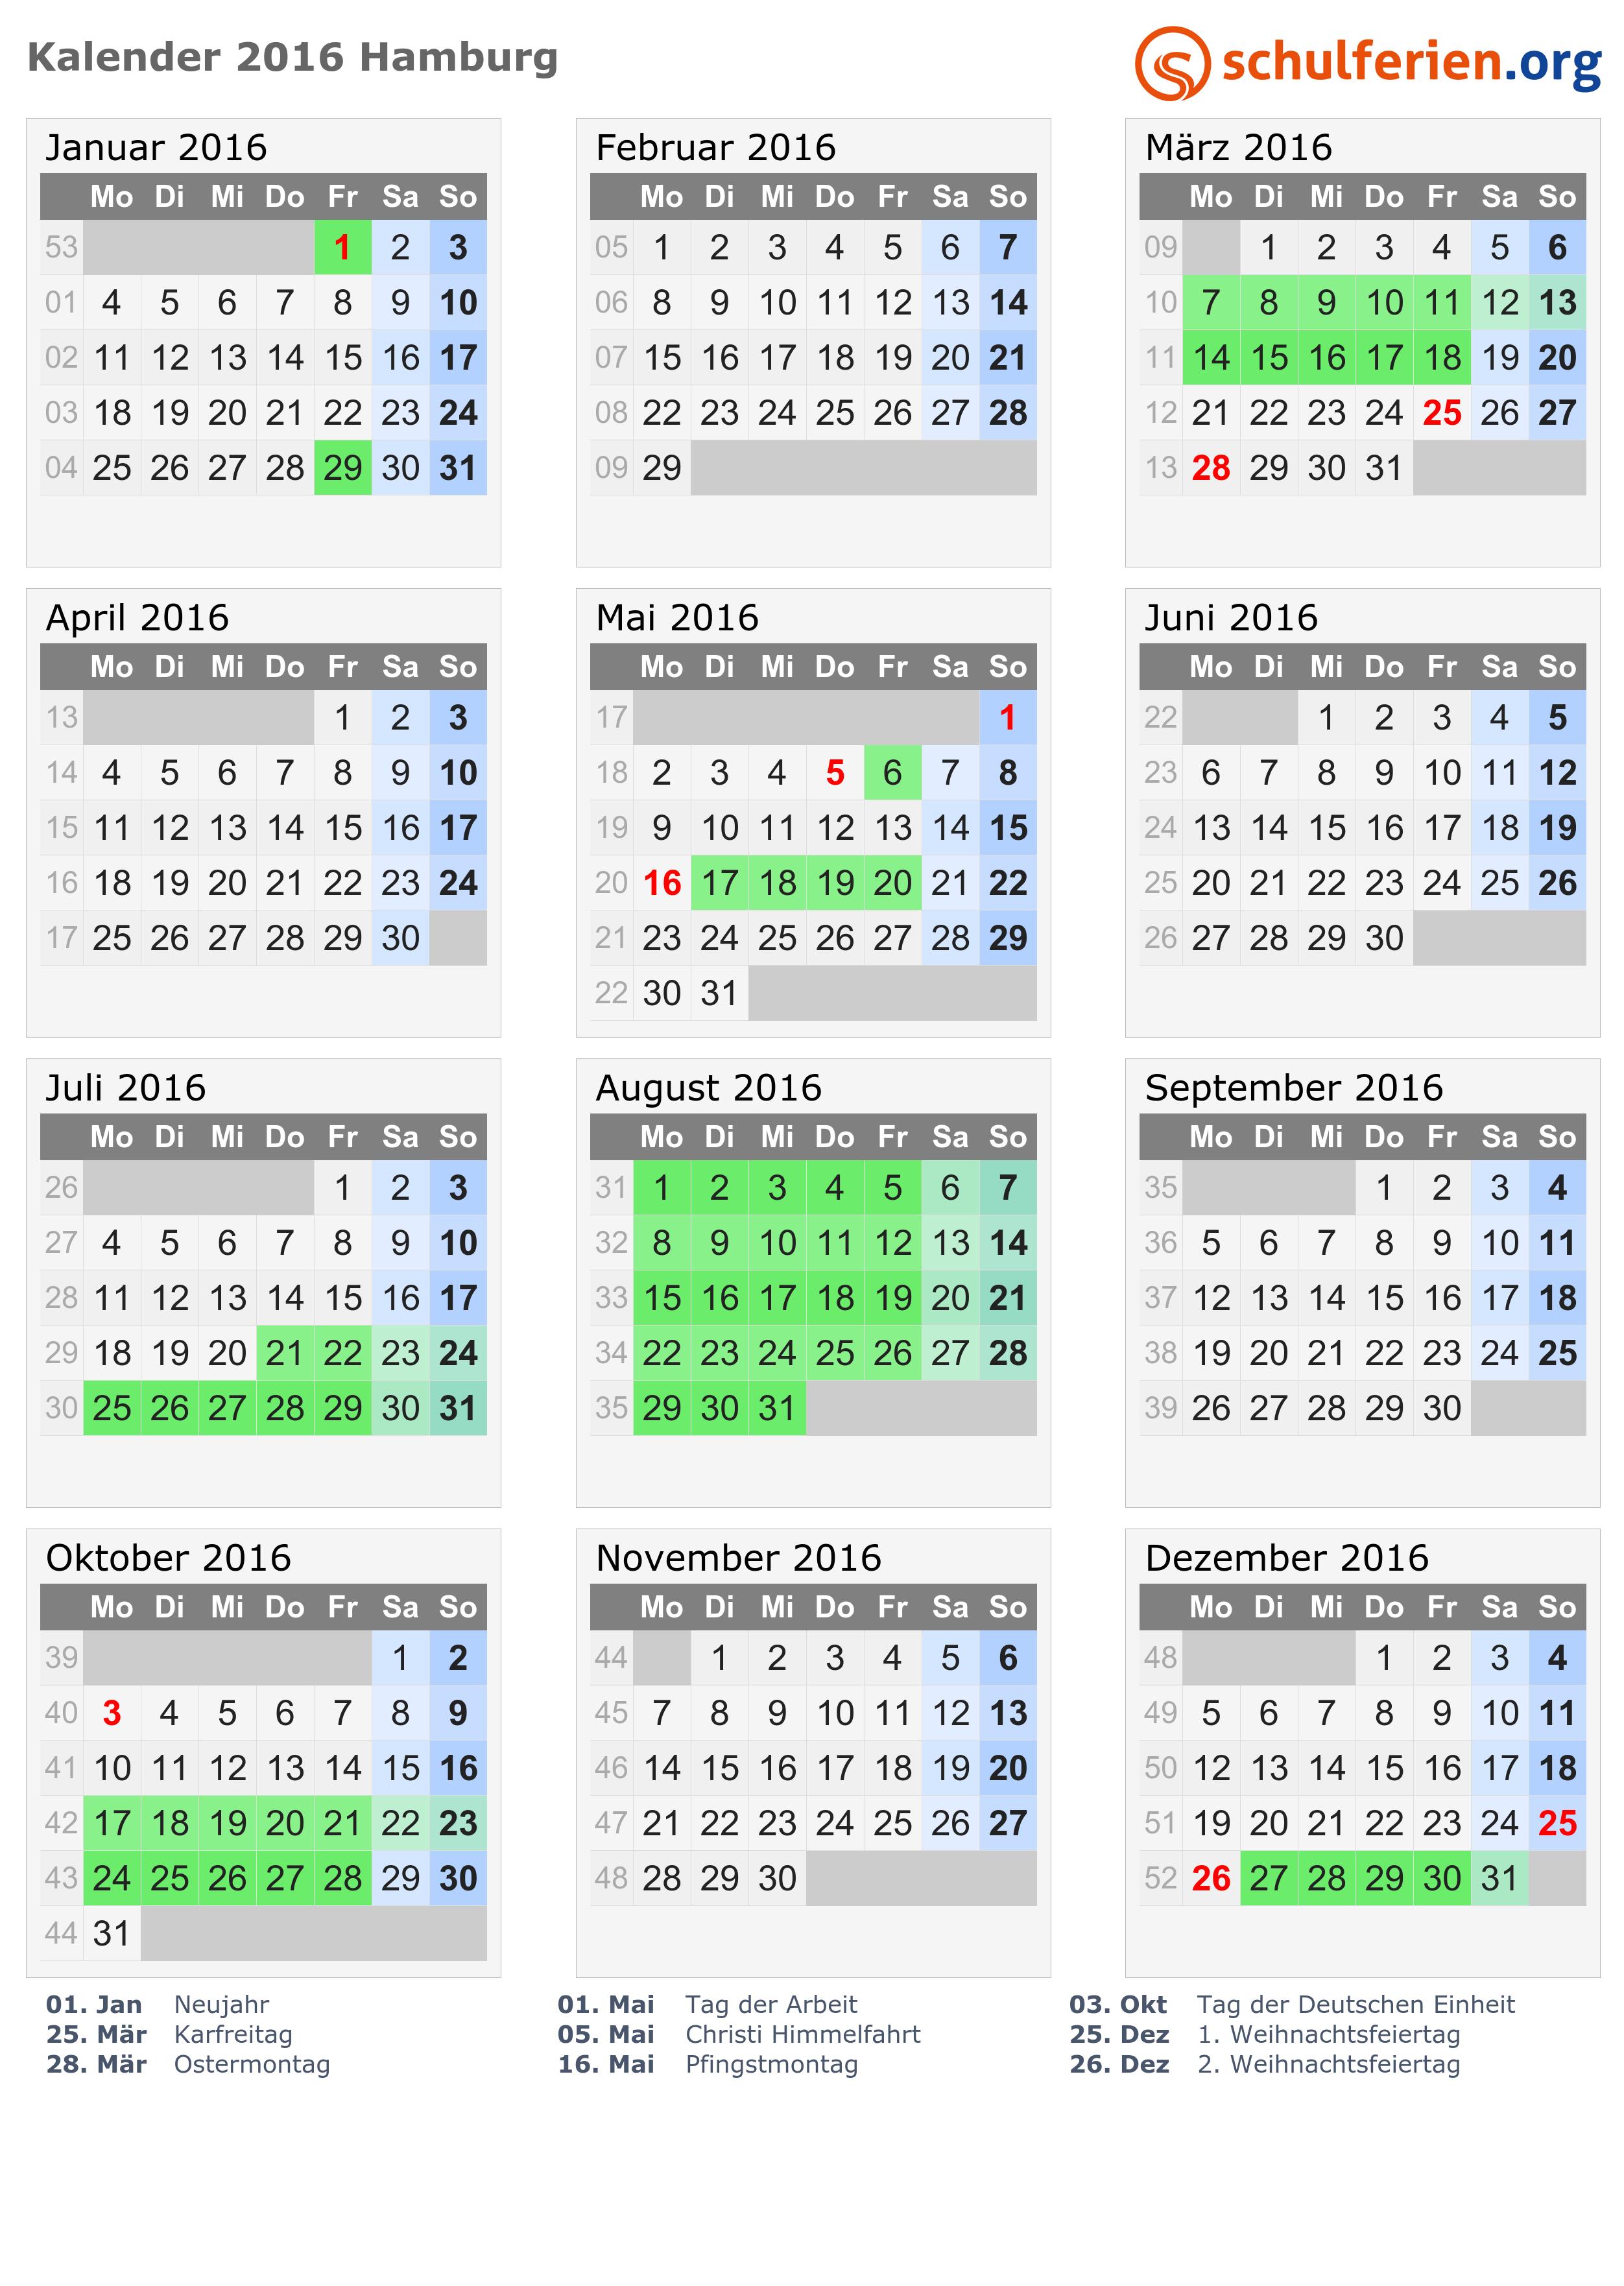 Ferien Hamburg 2018 - Ferienkalender zum Ausdrucken